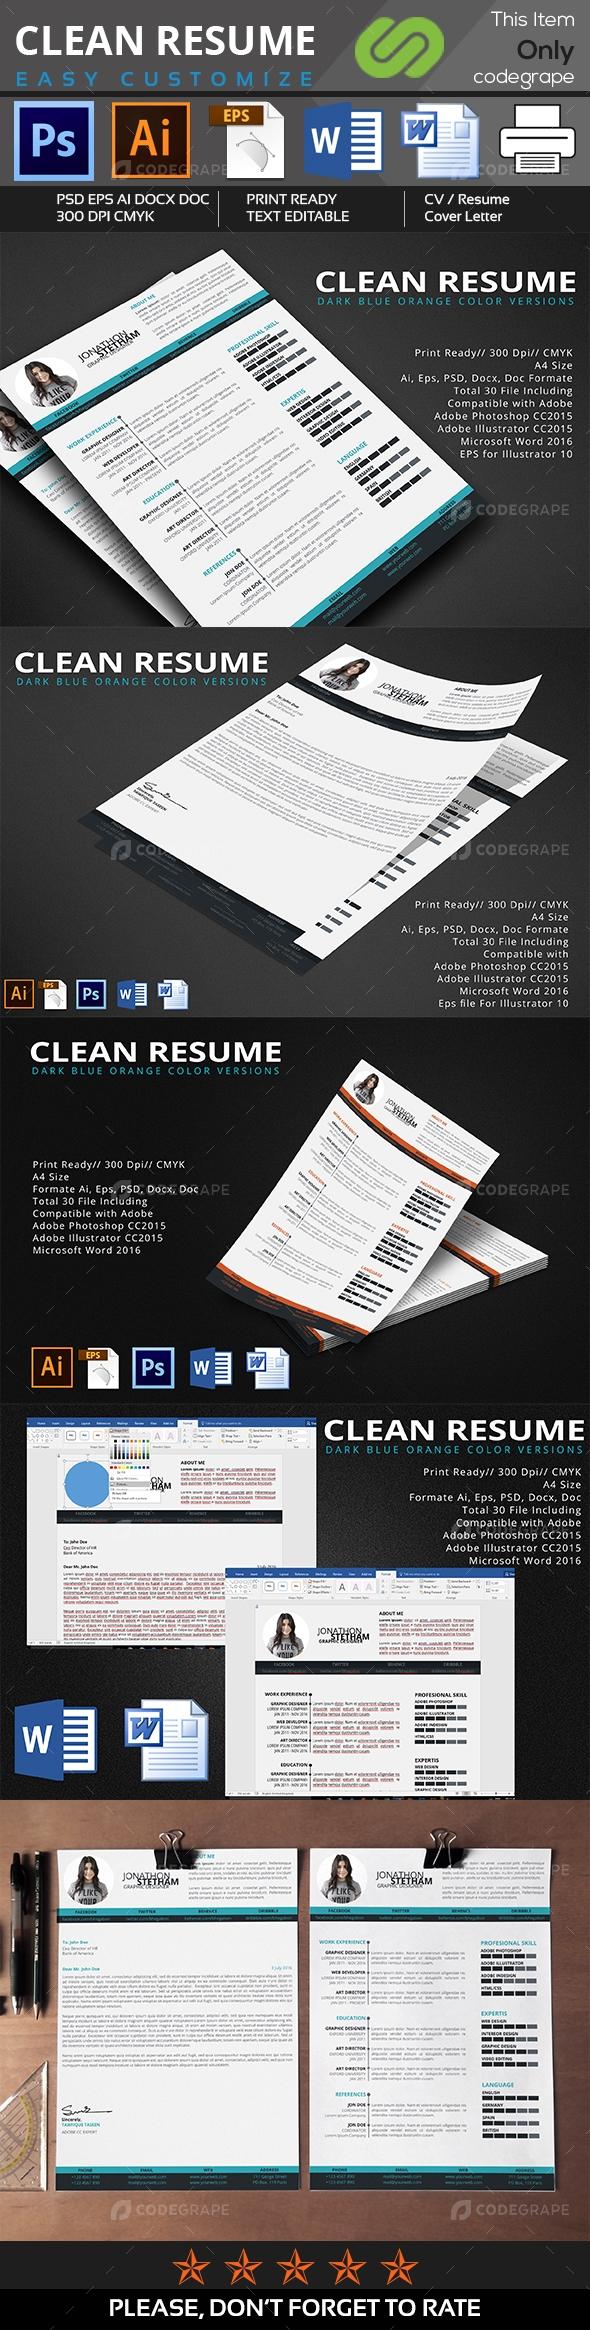 Clean Resume 2